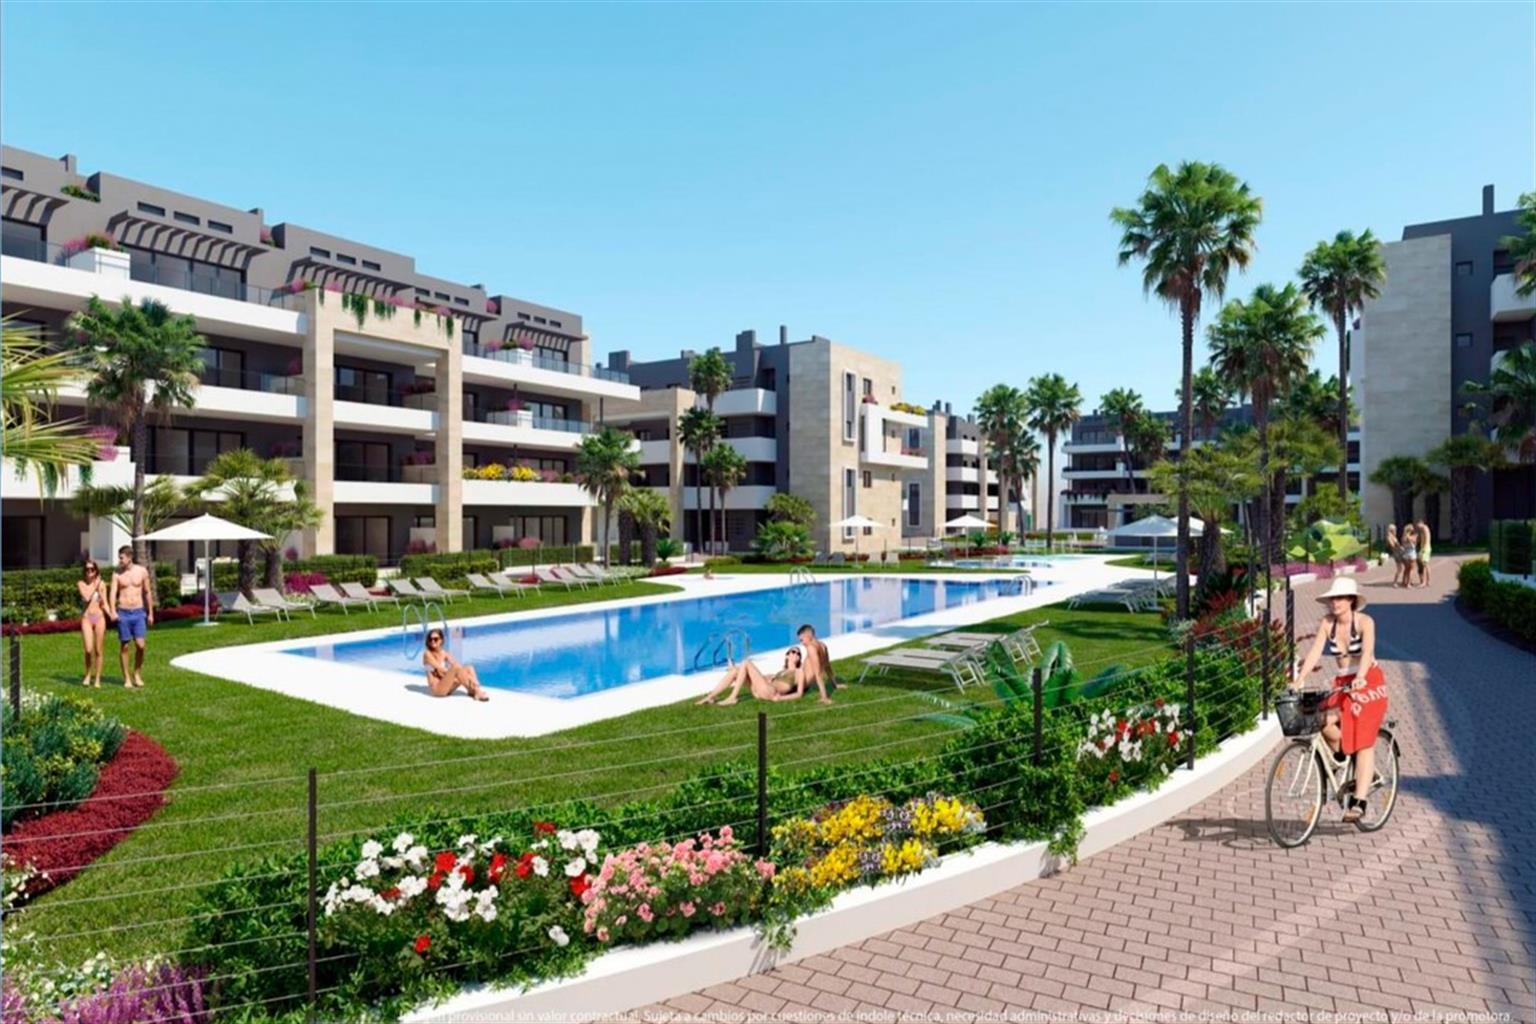 Appartement - Orihuela Costa - #4228409-32